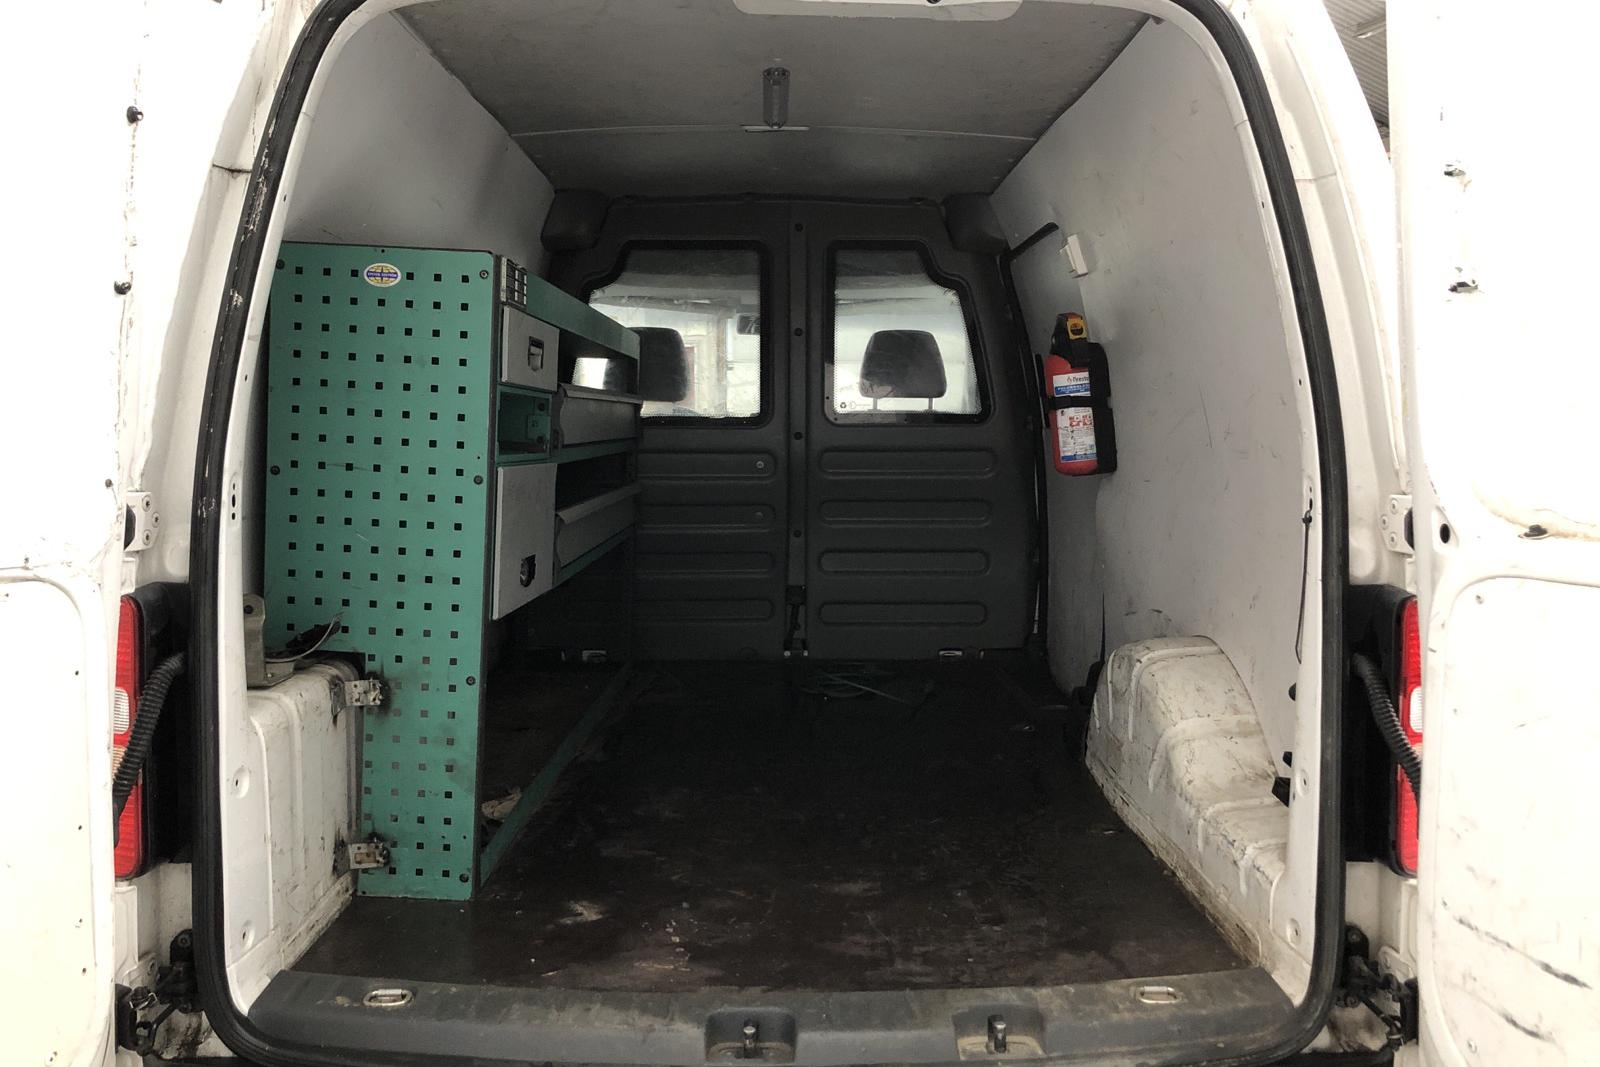 VW Caddy 1.6 TDI Maxi Skåp (102hk) - 11 336 mil - Manuell - vit - 2012